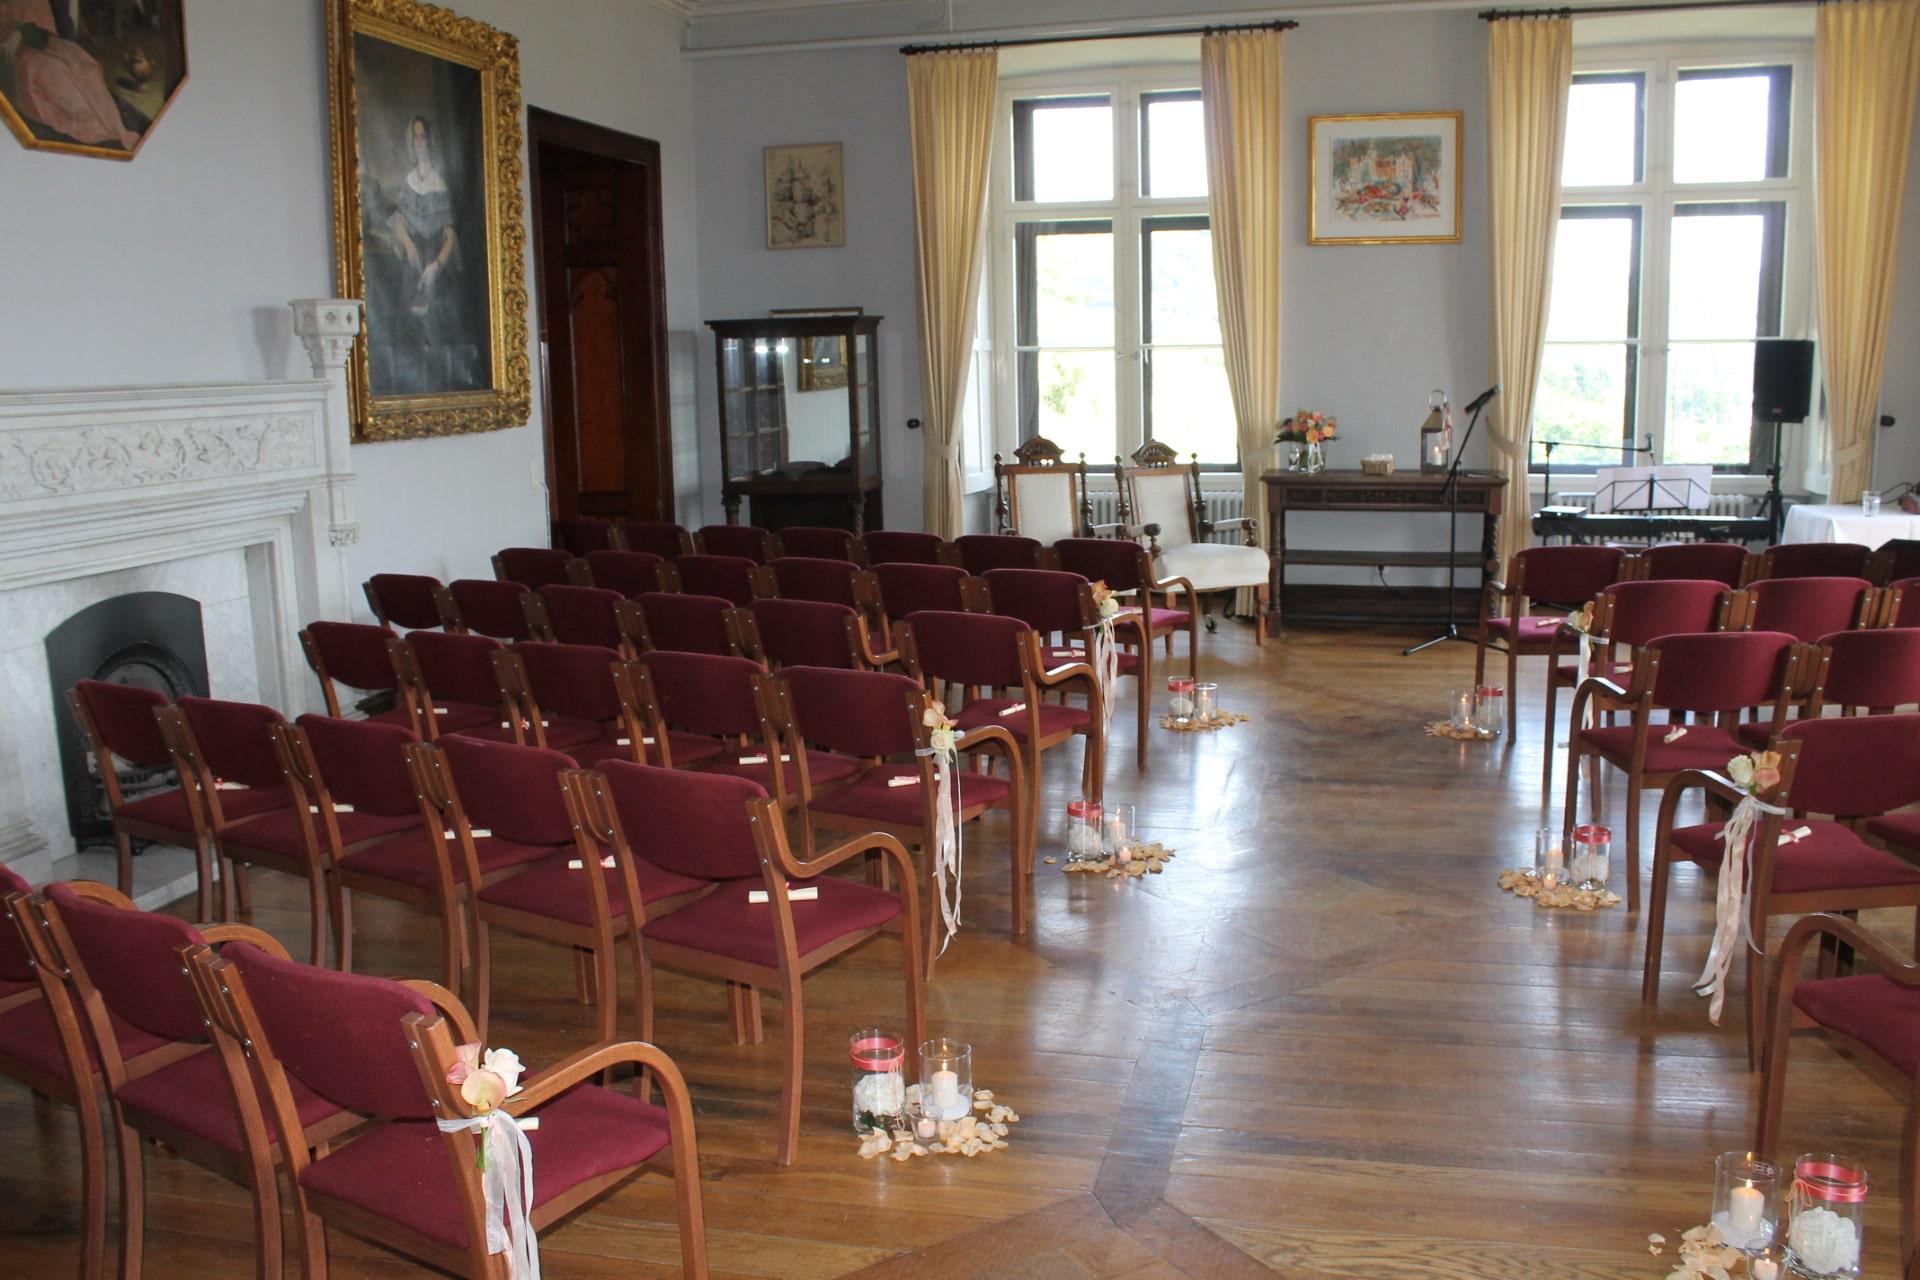 Schloss arenfels 49119907741 o min